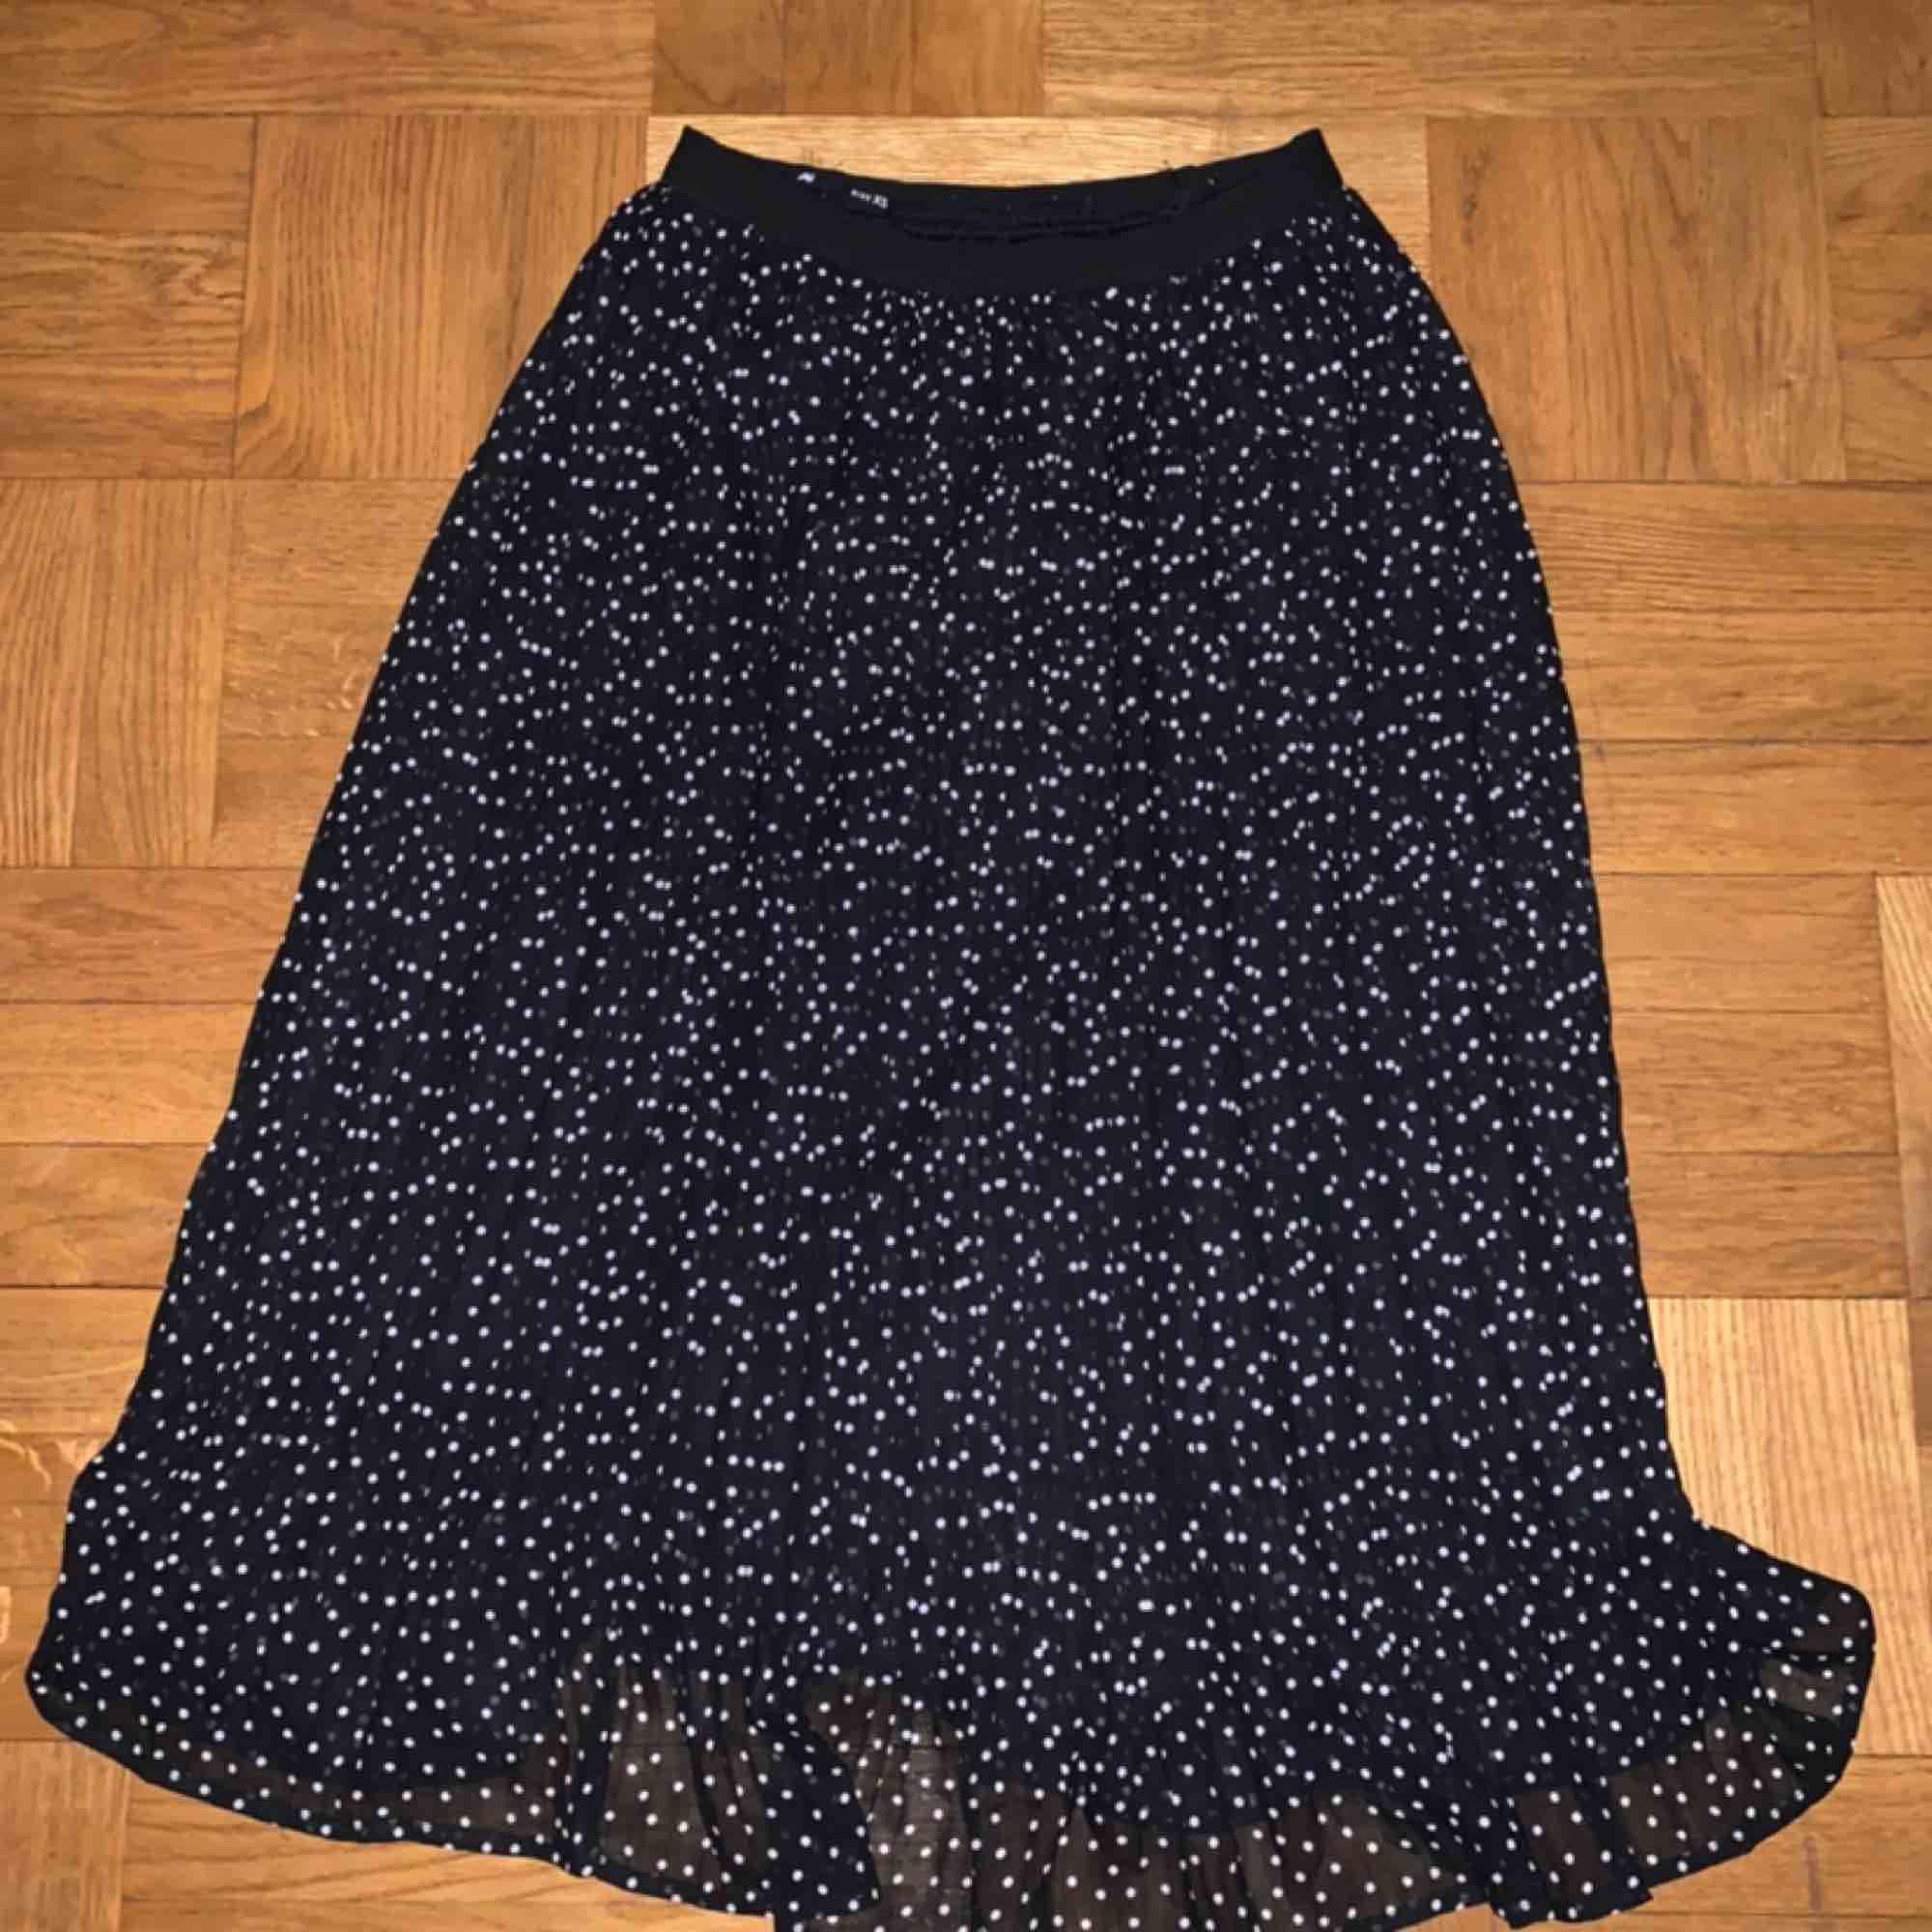 Svart kjol med vita prickar, köpt i en butik i Kroatien. Den har en under och över kjol. Köpare står för frakt (50kr). . Kjolar.